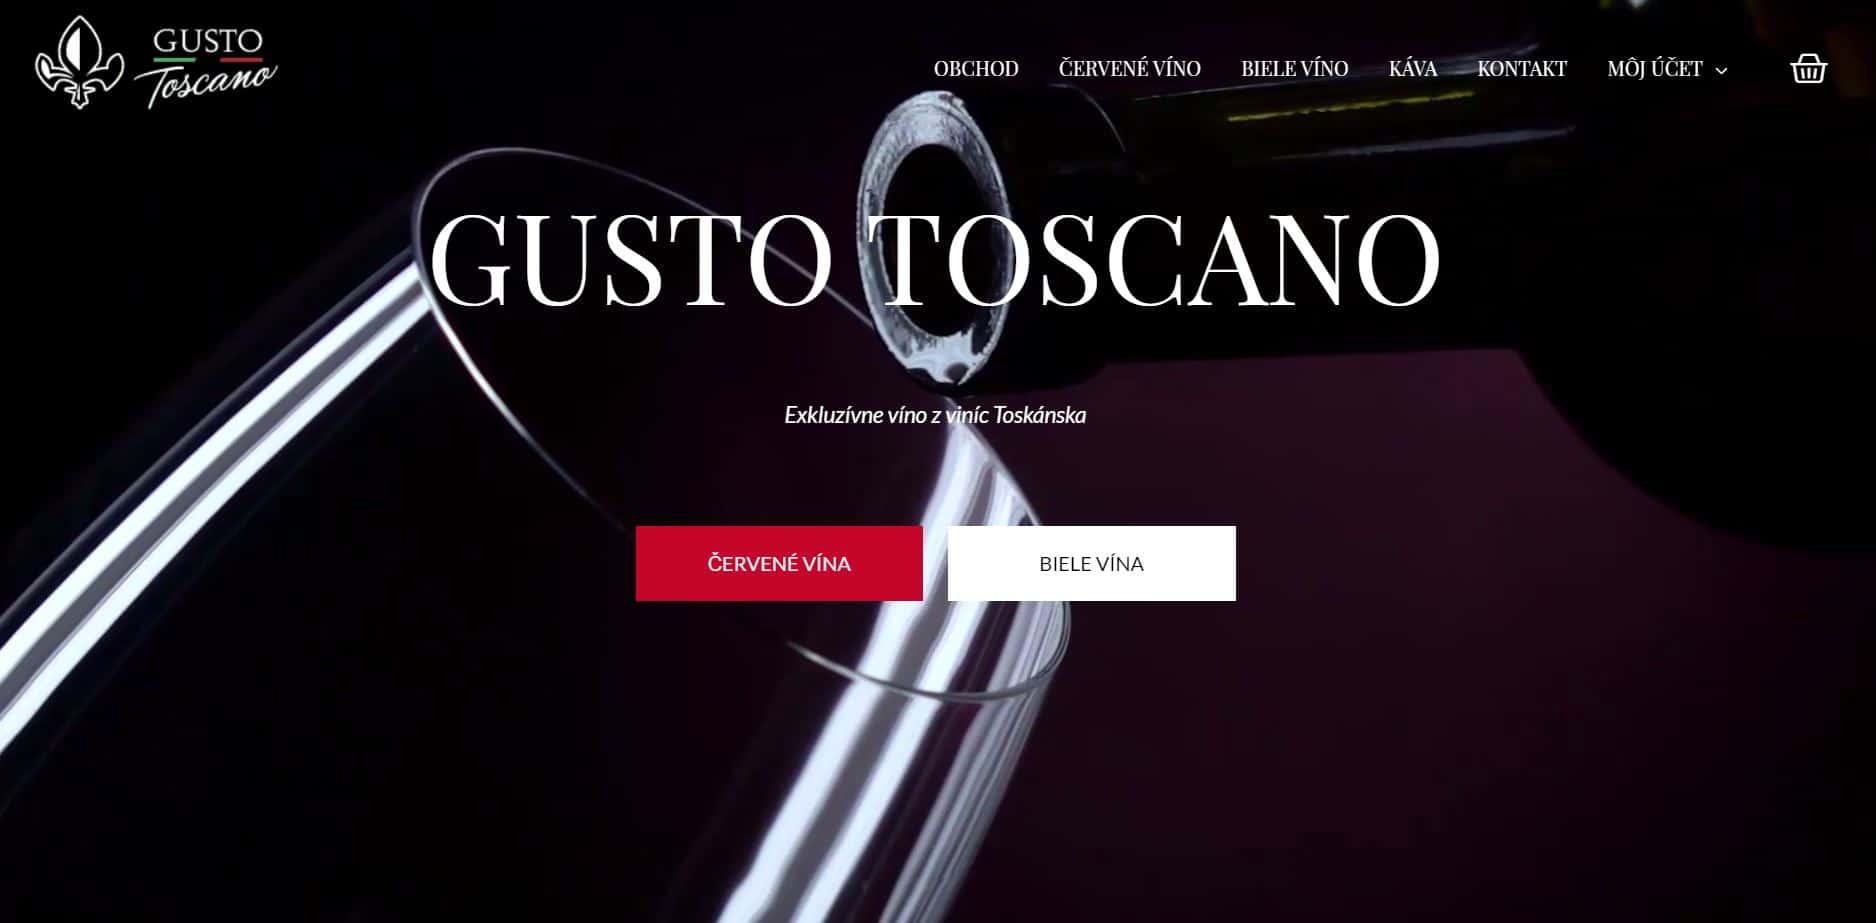 gusto toscano screenshot